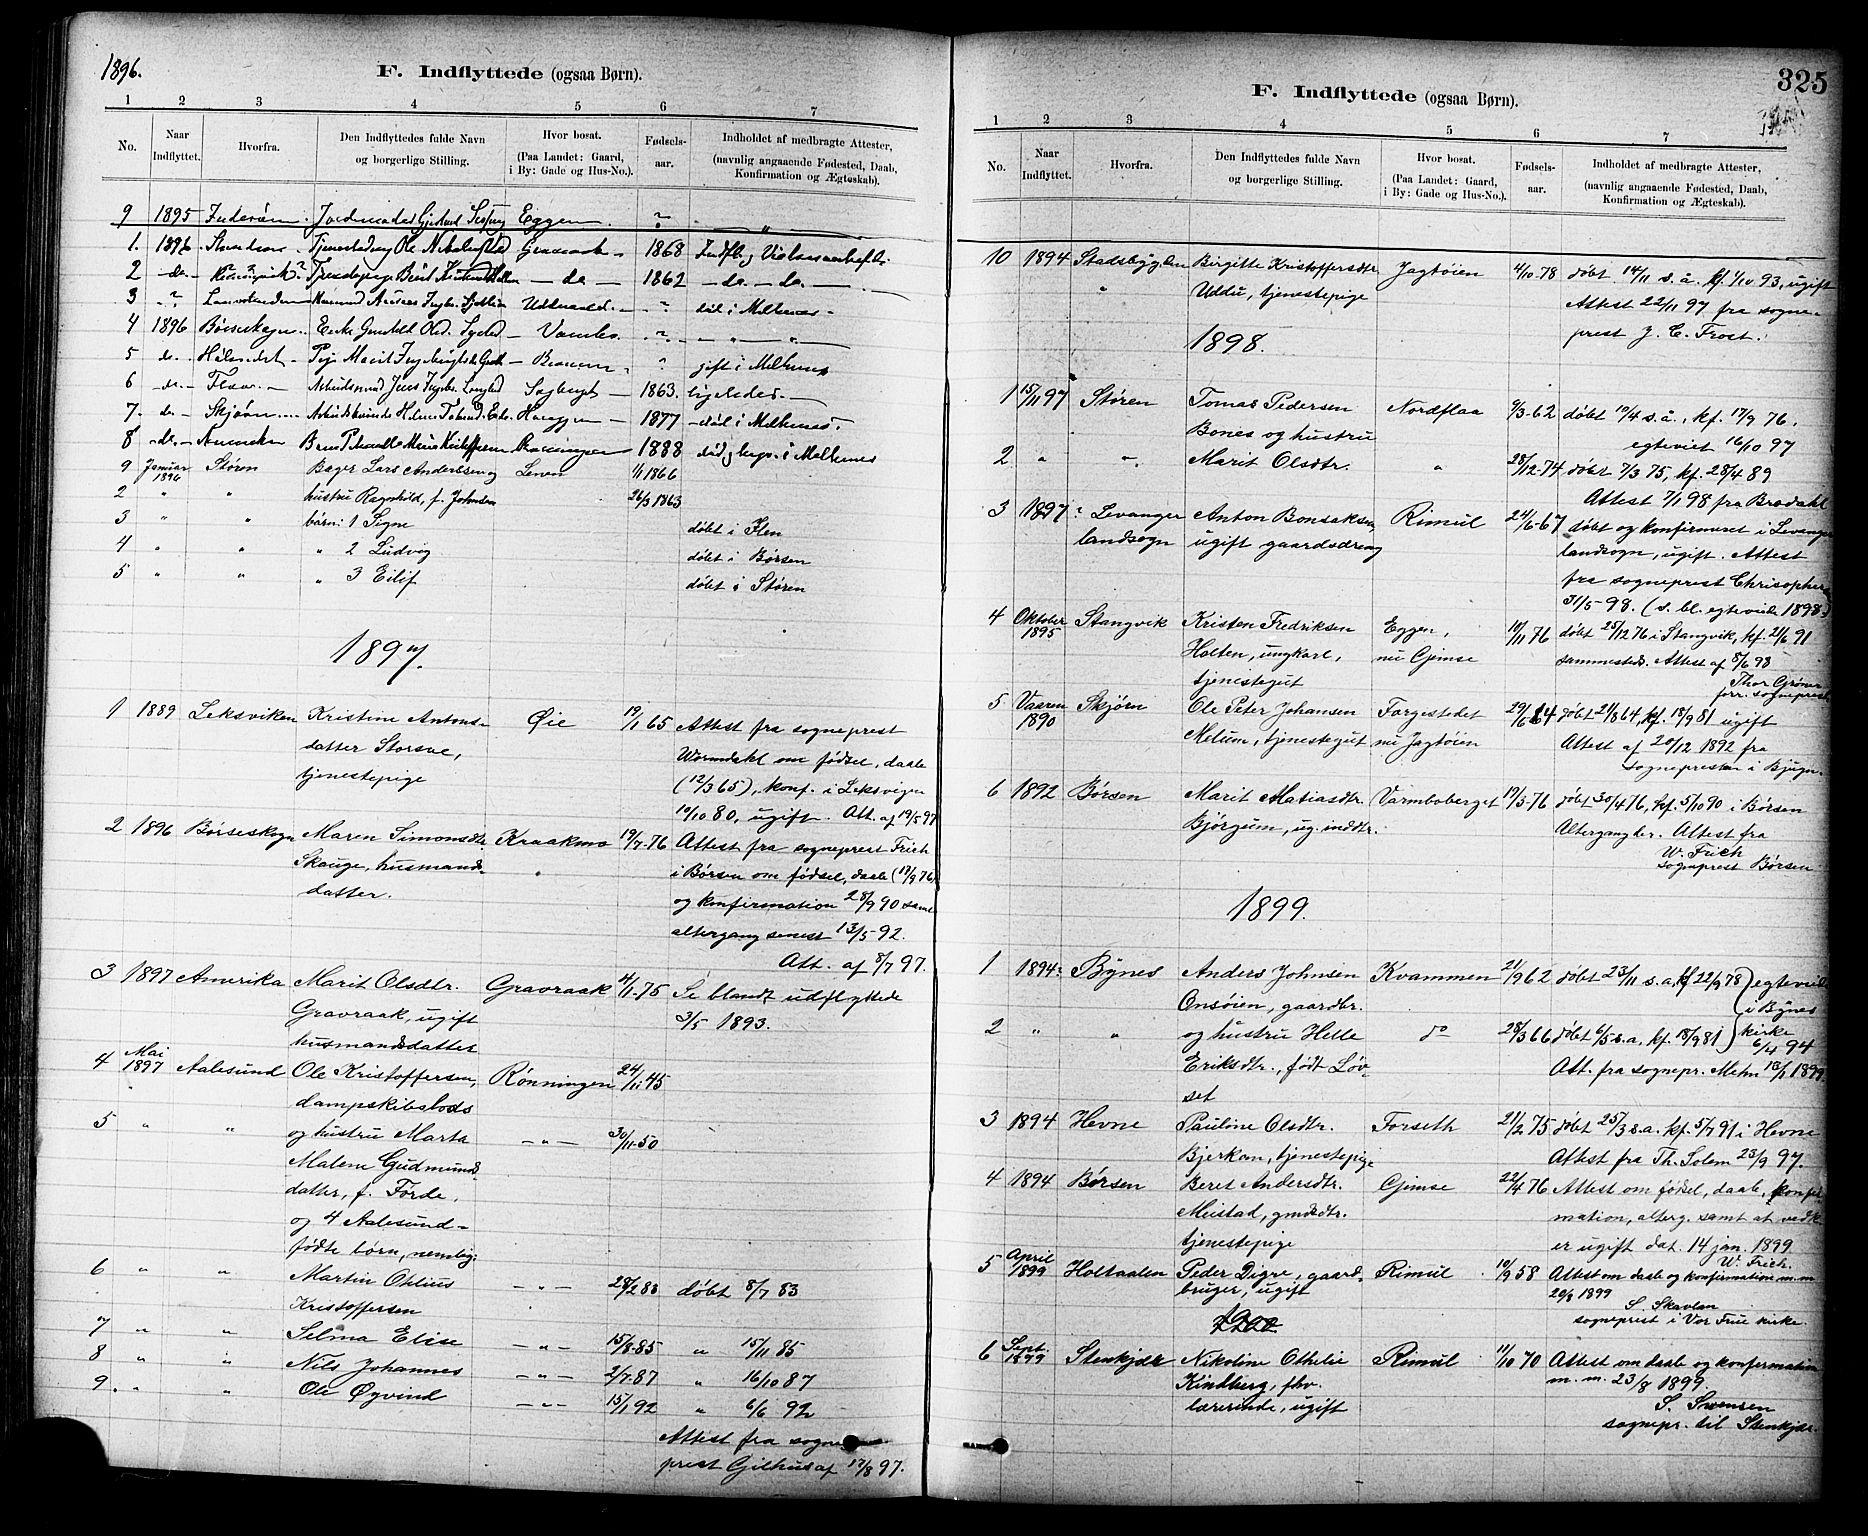 SAT, Ministerialprotokoller, klokkerbøker og fødselsregistre - Sør-Trøndelag, 691/L1094: Klokkerbok nr. 691C05, 1879-1911, s. 325